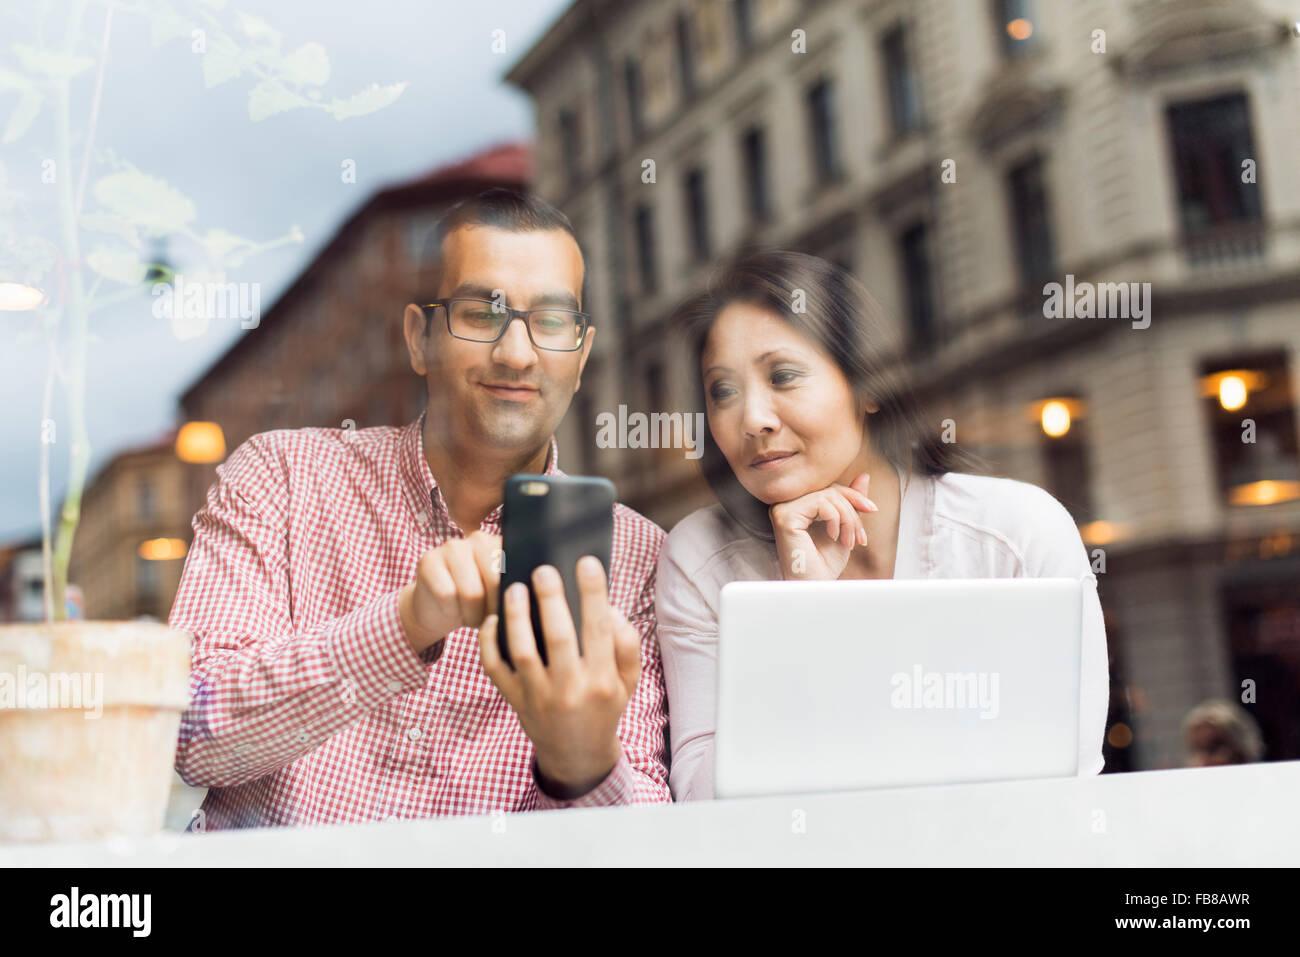 La Suède, l'Uppland, Stockholm, homme et femme, à l'aide de smart phone in cafe Photo Stock